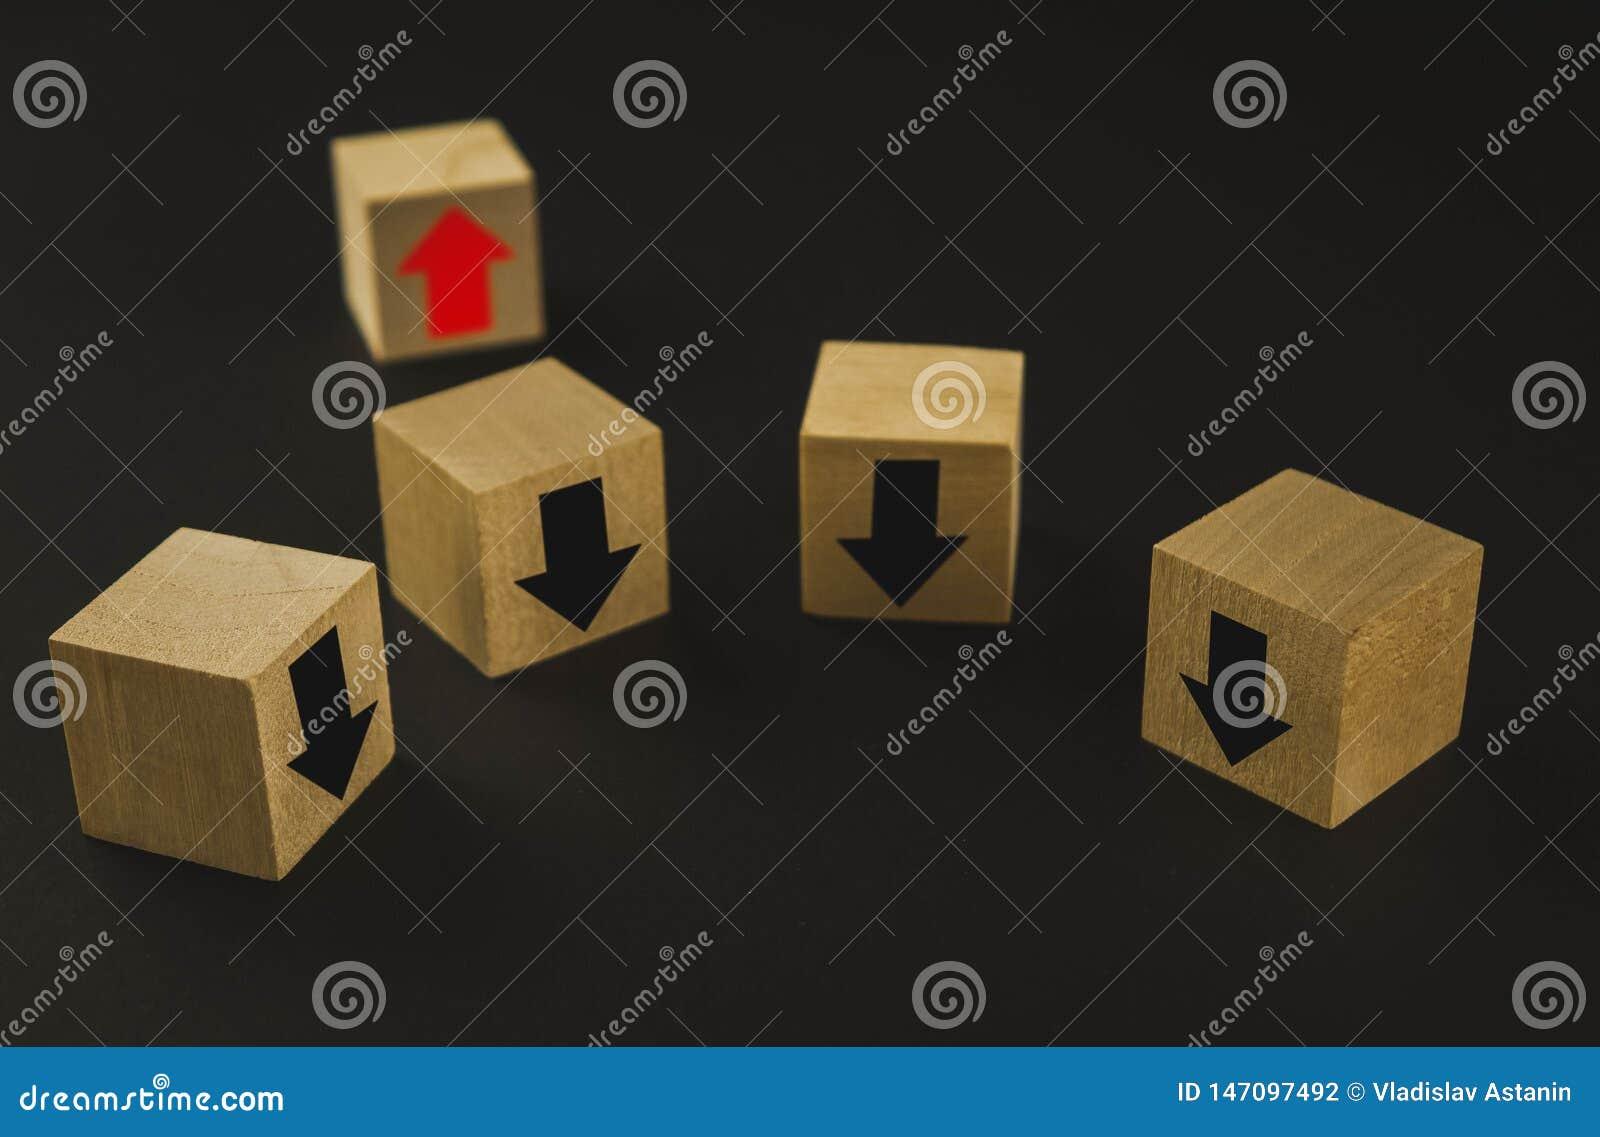 Hand die houten kubusblok op hoogste piramide houten blokken zetten met rode pijlen die tegengesteld aan de zwarte pijlen onder o